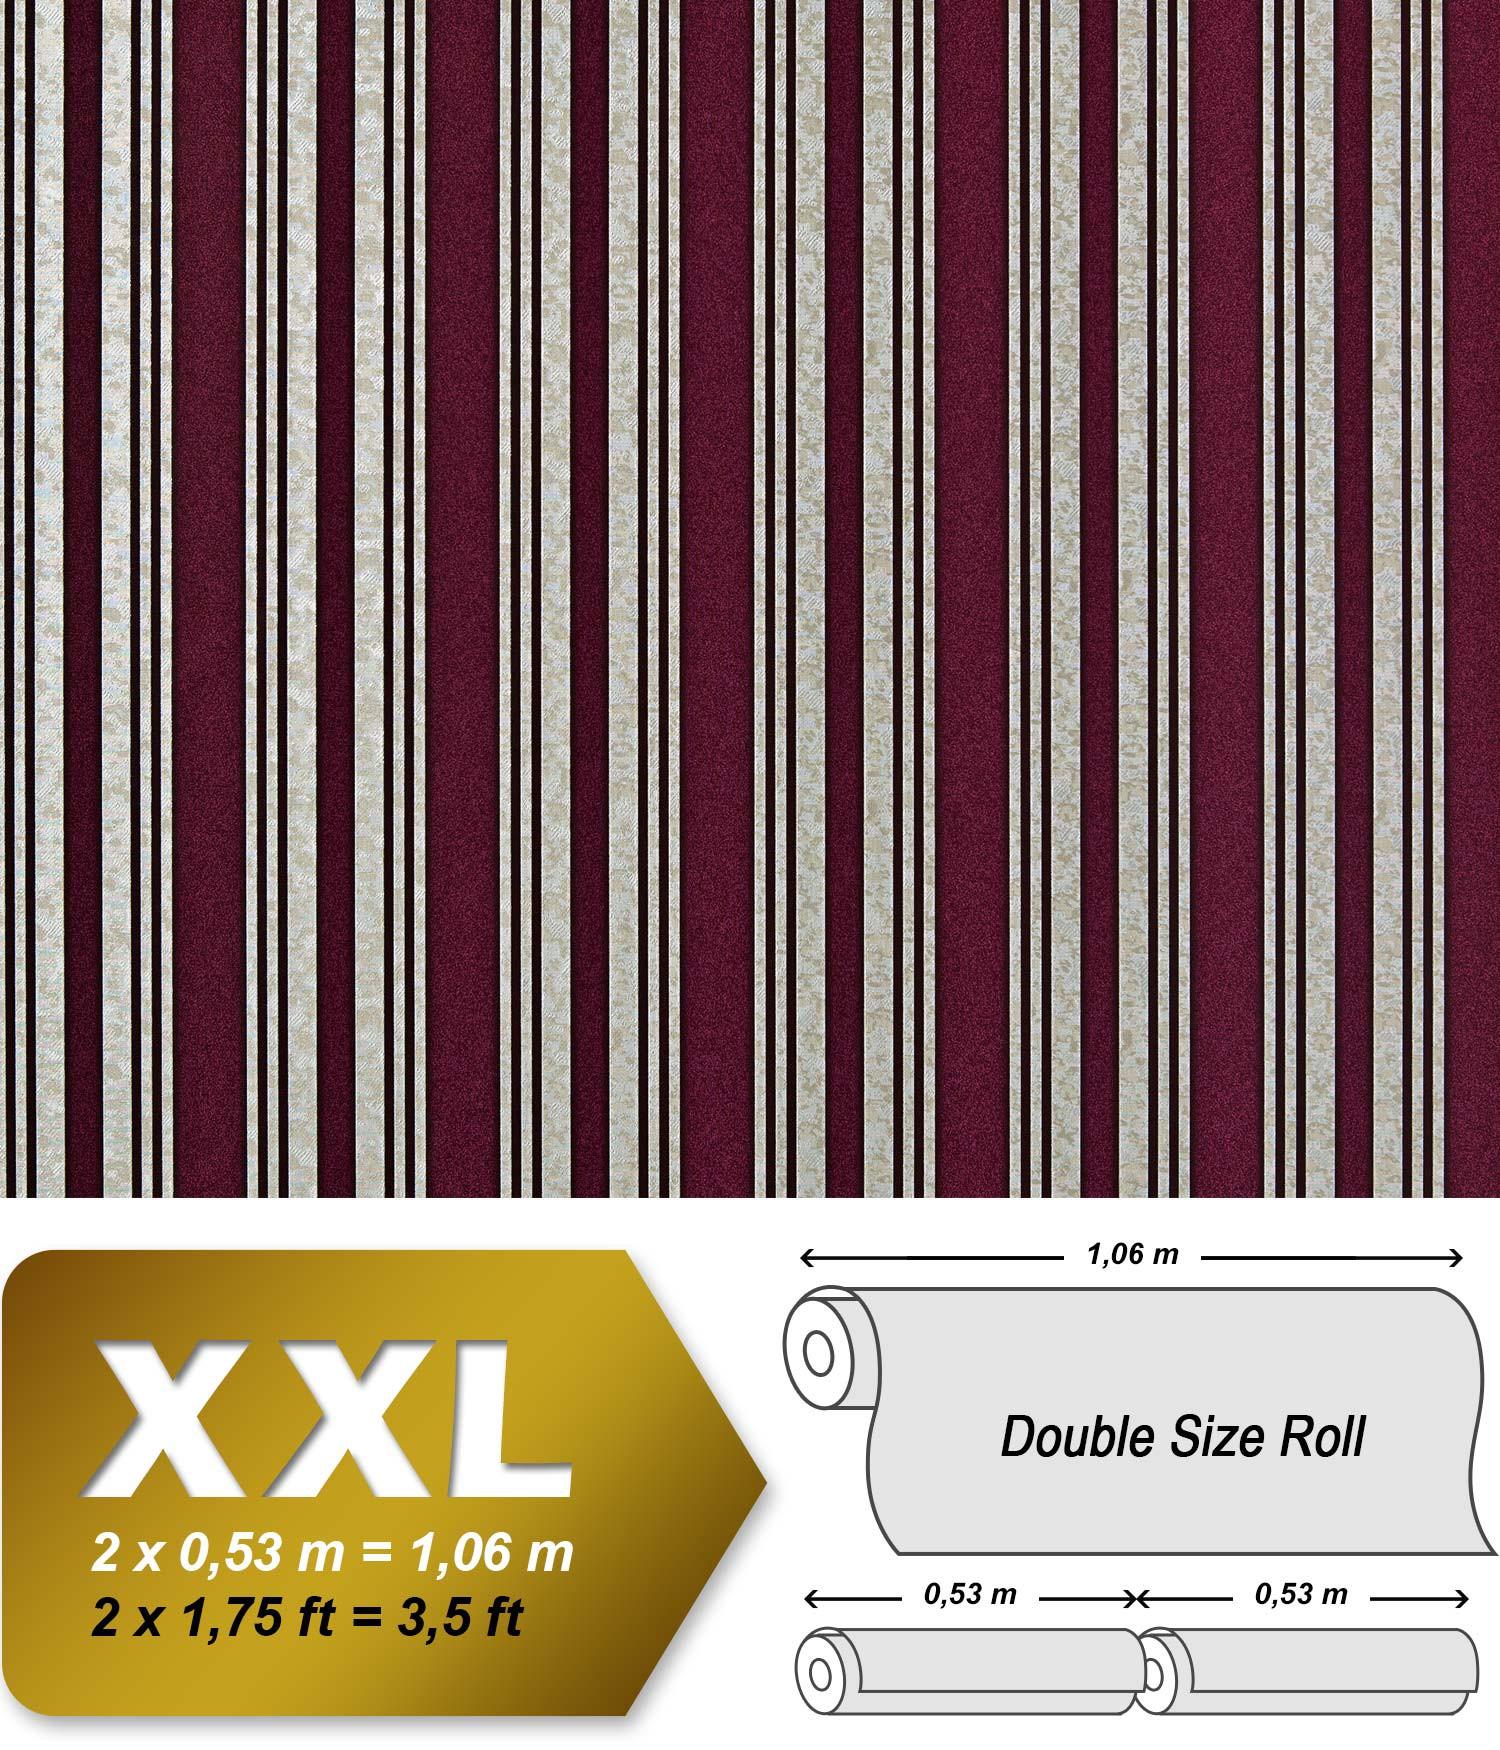 Streifen Tapete XXL Luxus Vliestapete EDEM 999 35 Hochwertiger Metallic  Effekt Aubergine Bordeaux Rot Silber ...